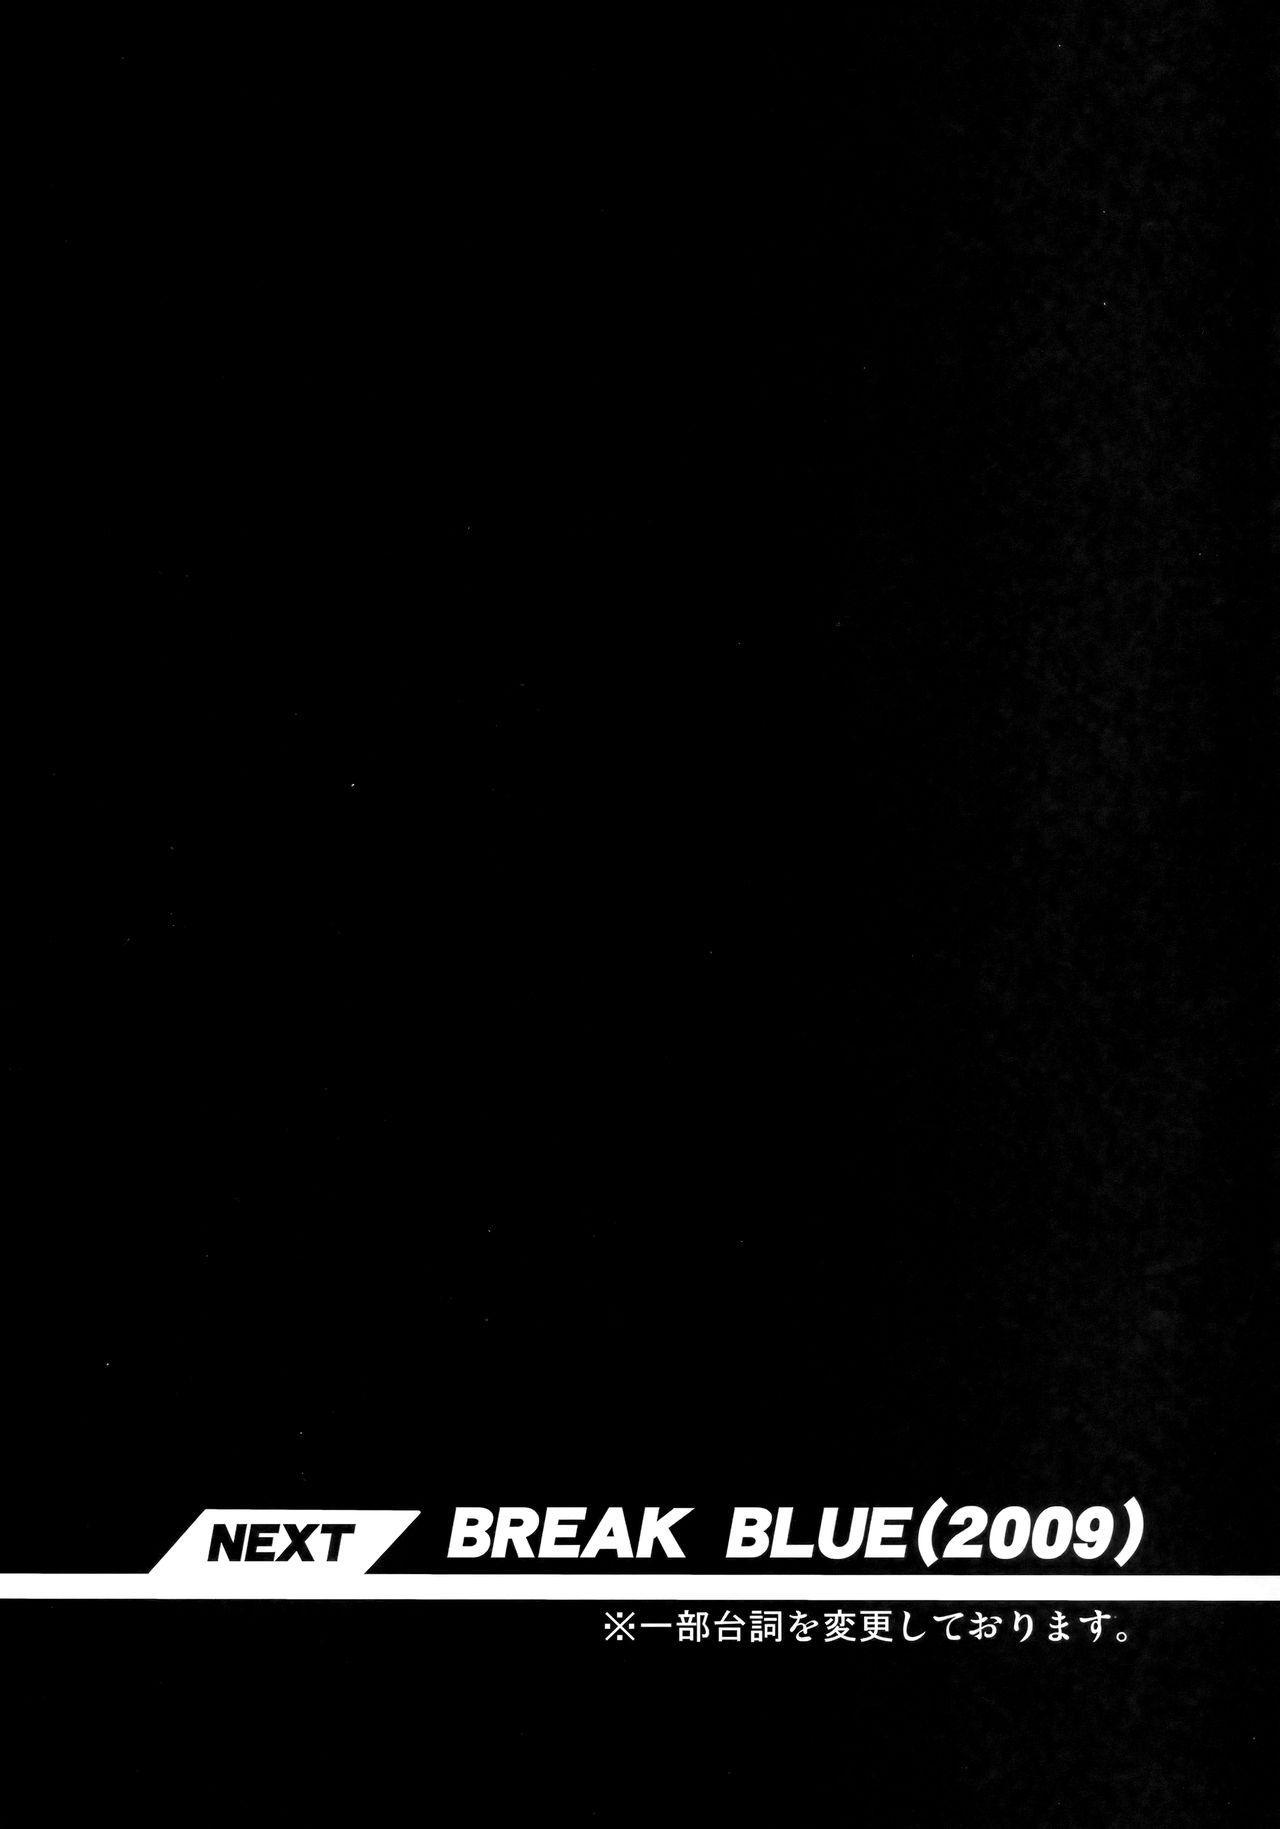 CHRONICLE OF BREAK BLUE 24